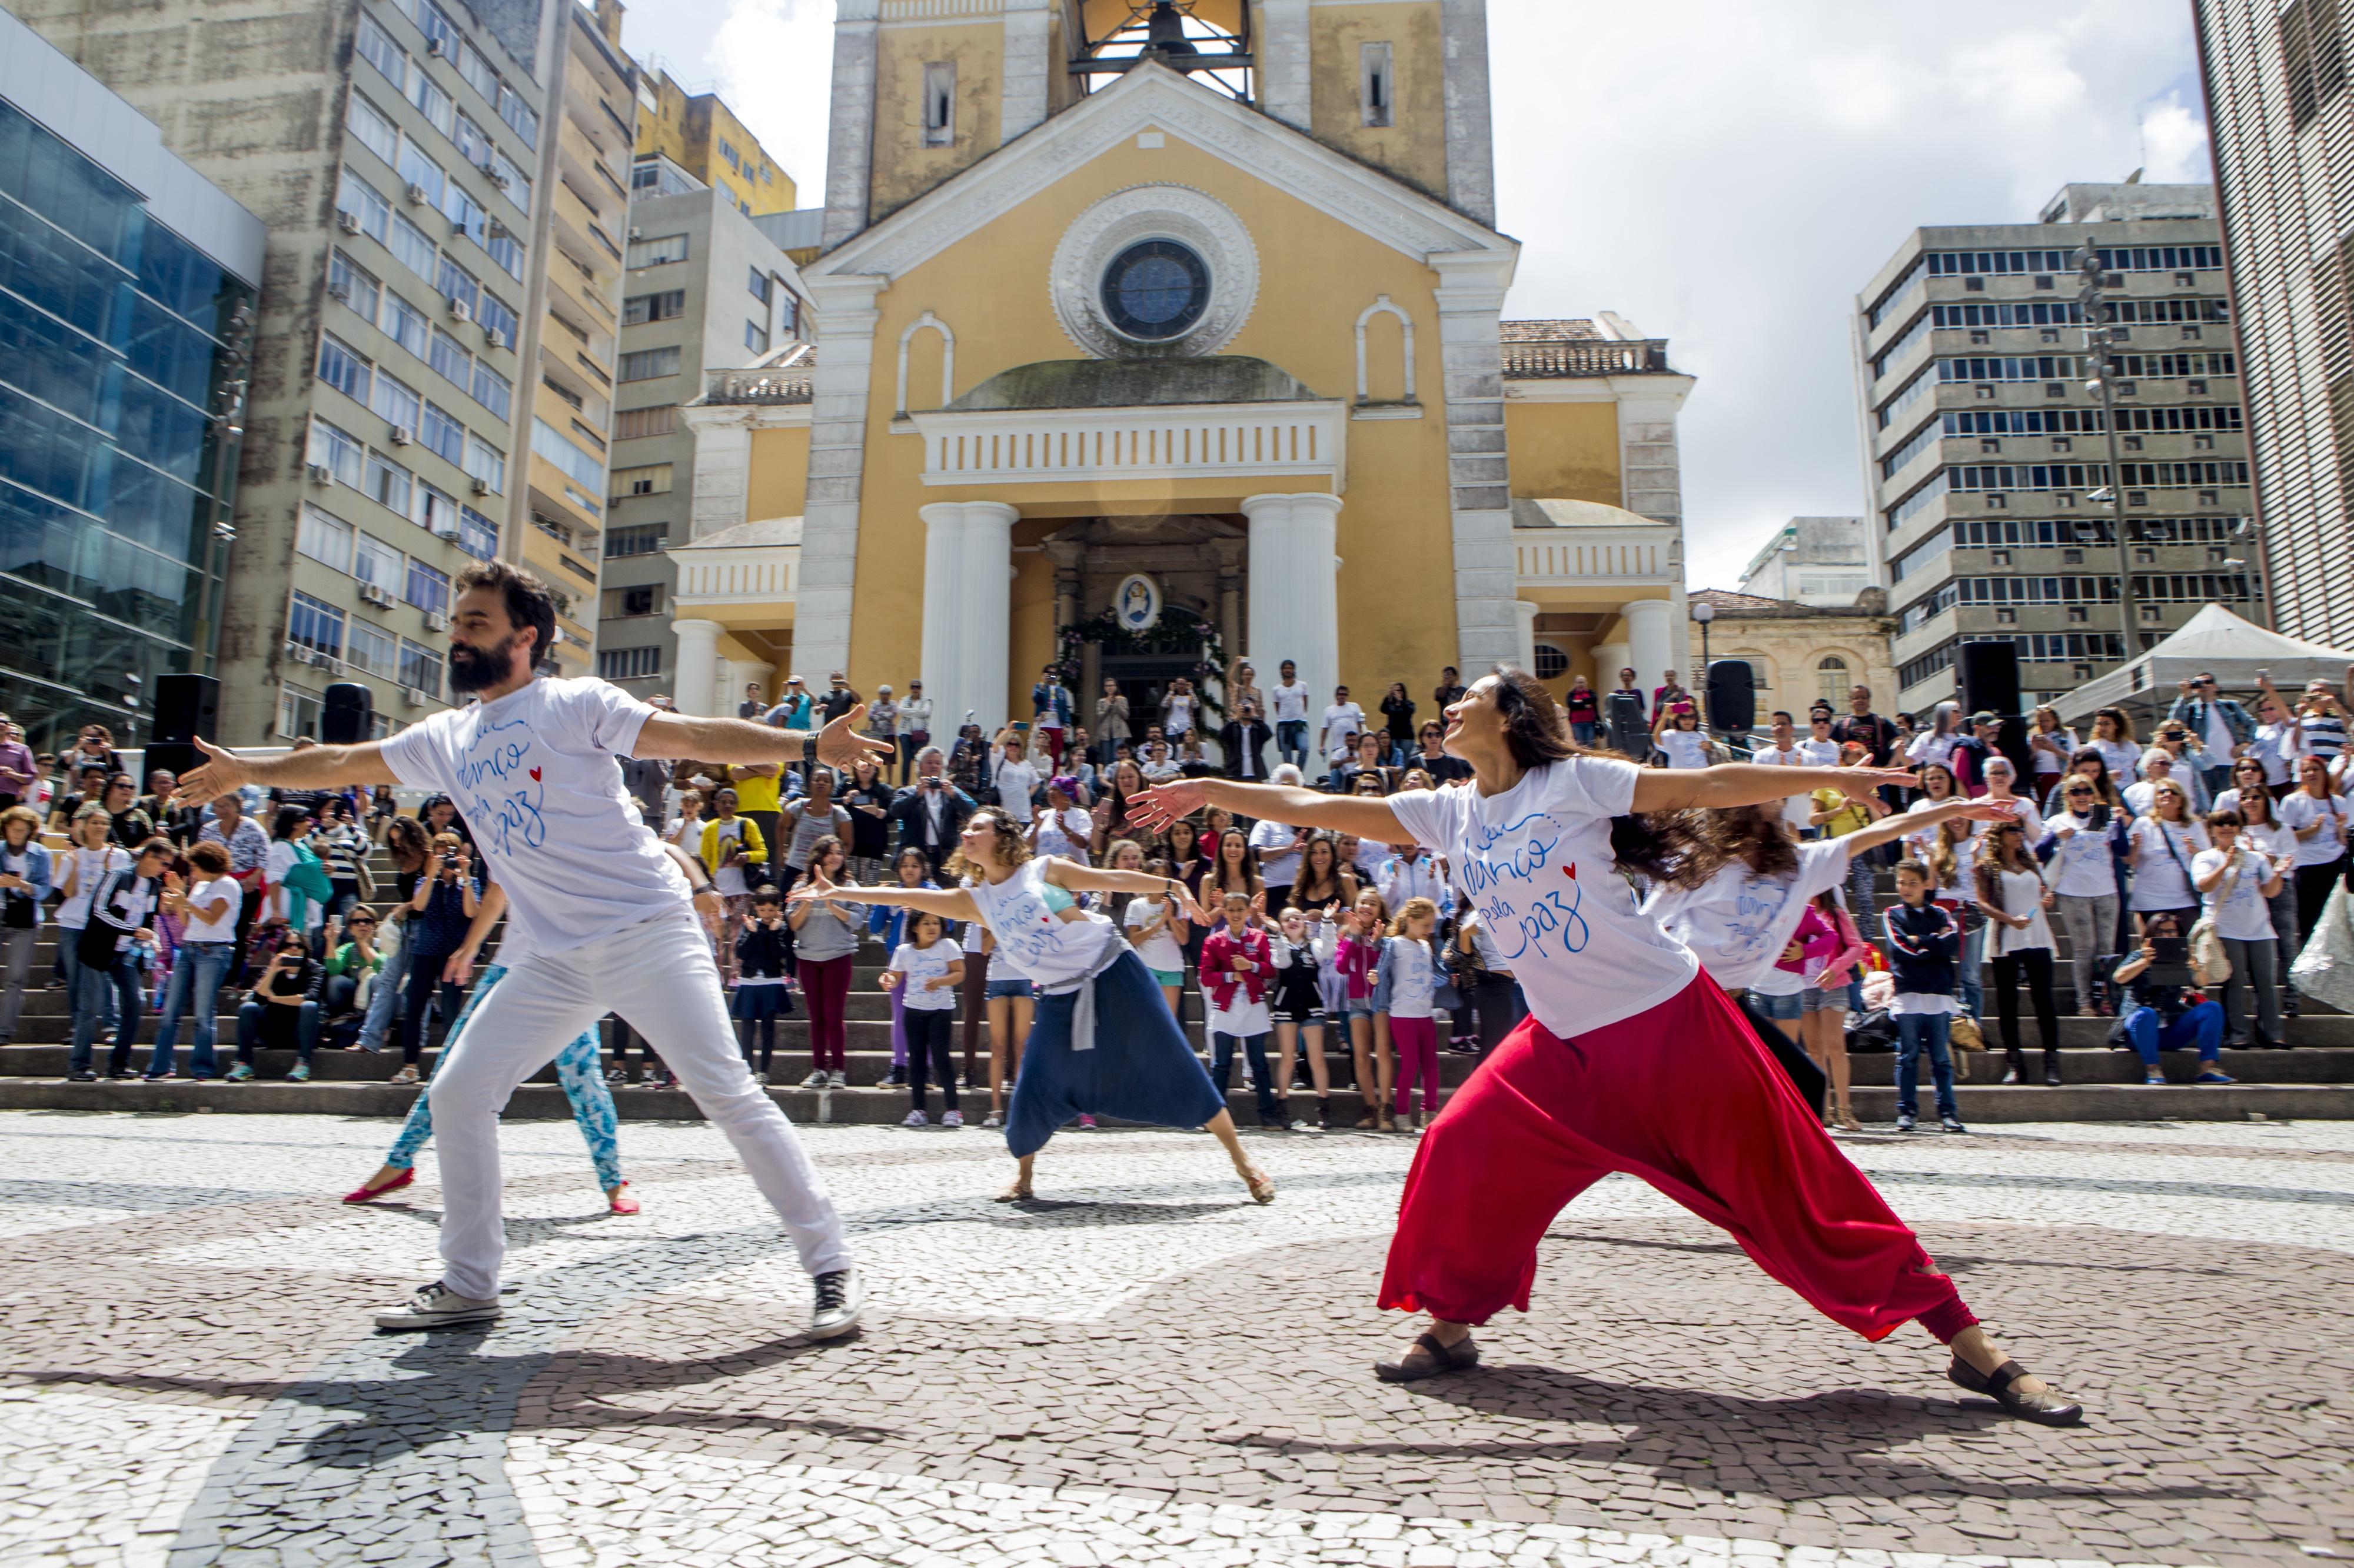 Flash mob pela paz reuniu mais de 200 bailarinos em frente à Catedral Metropolitana - Flávio Tin/ND